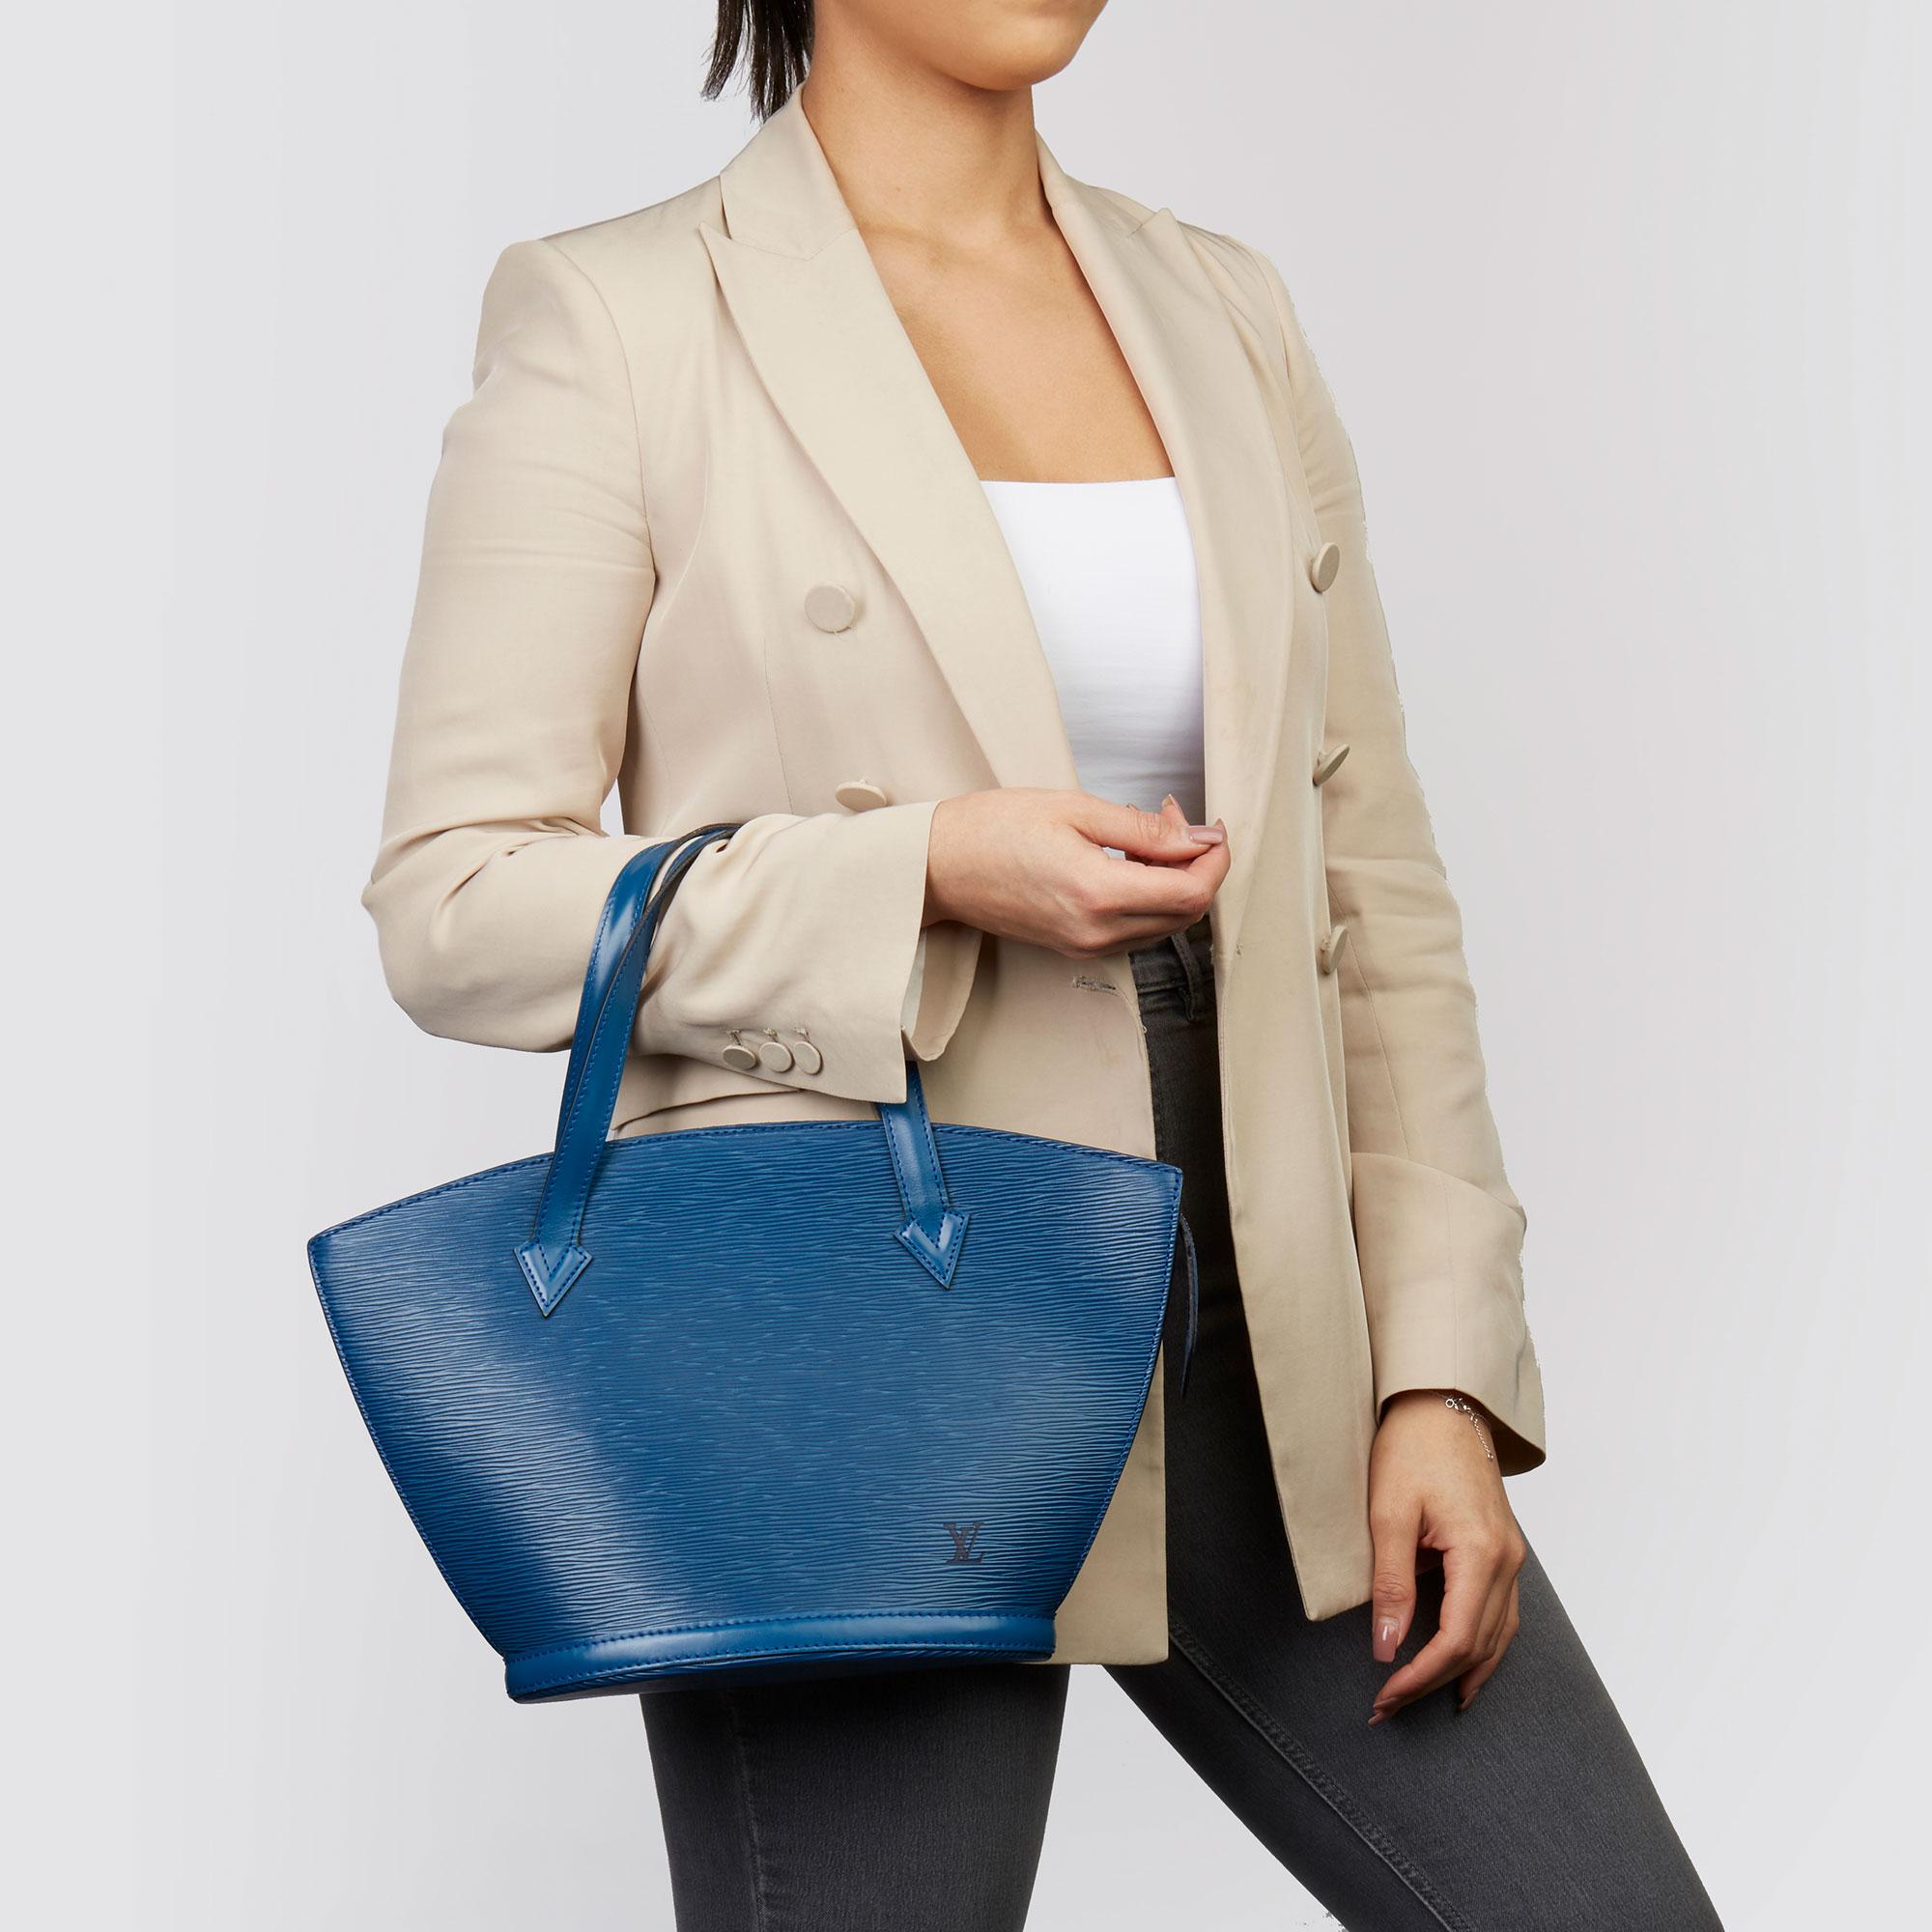 Louis Vuitton Blue Epi Leather Vintage Saint Jacques PM - Image 2 of 11